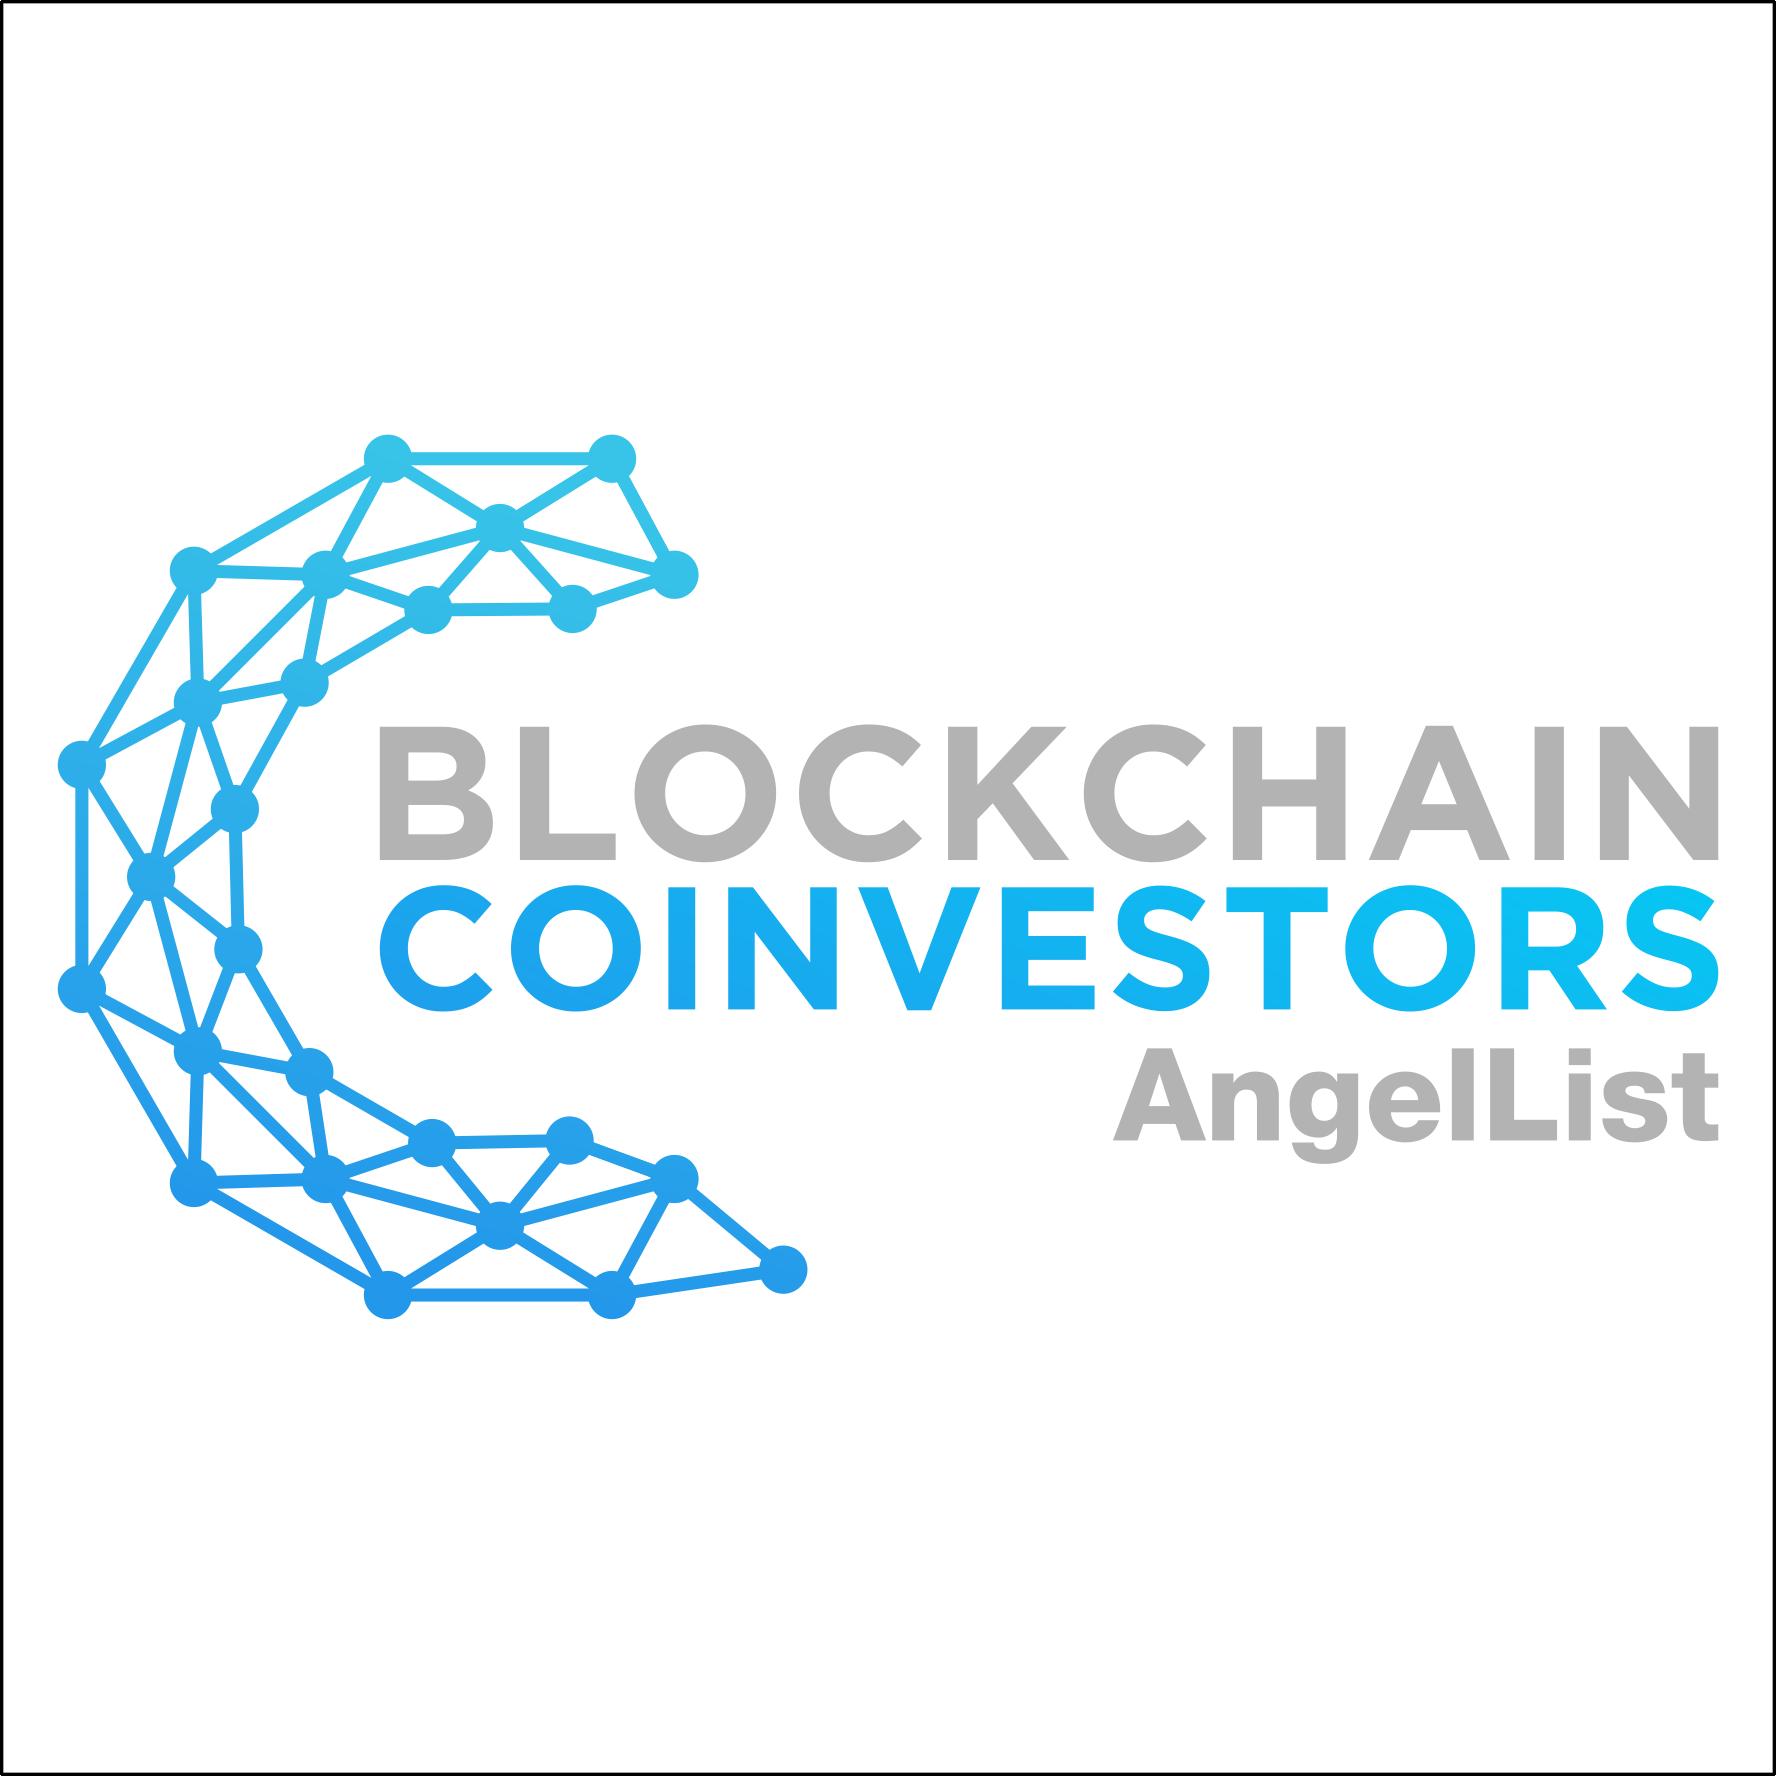 Blockchain Coinvestors Swiss